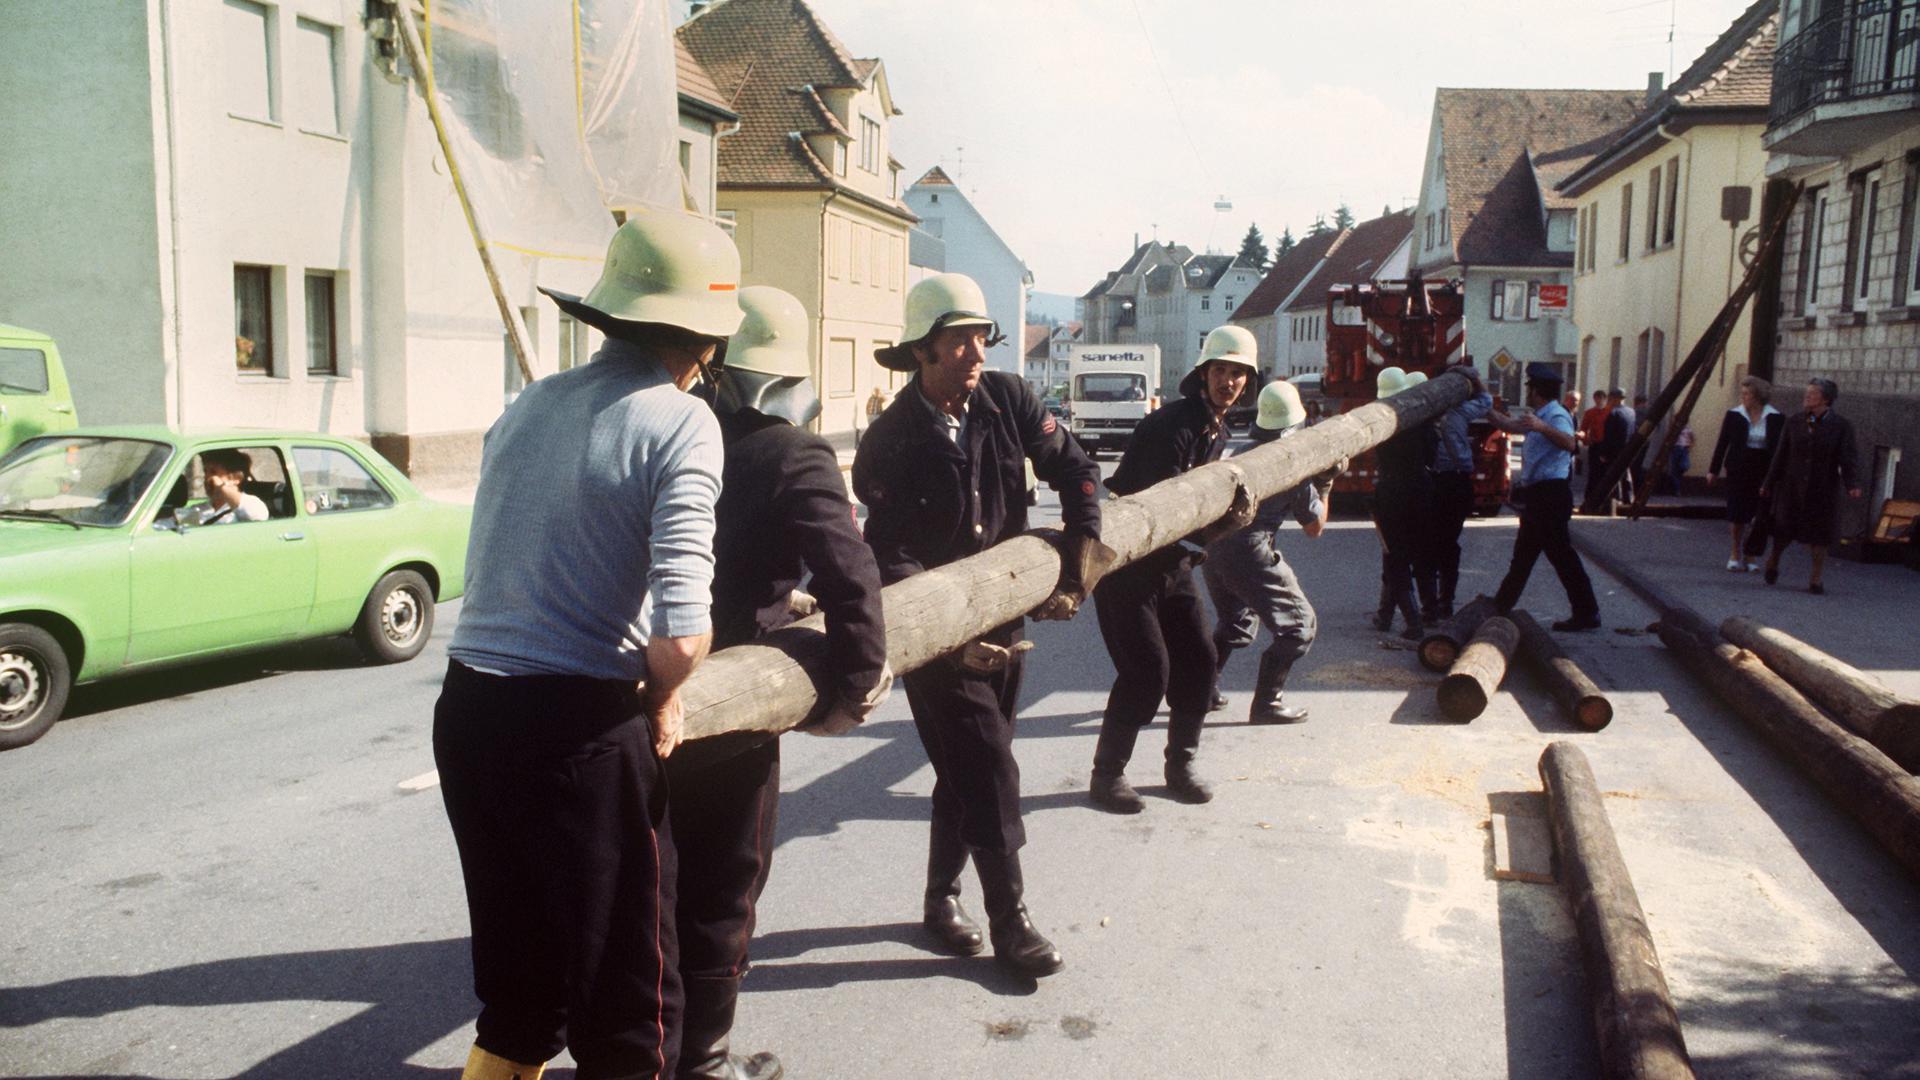 Feuerwehrmänner stellen zum Stützen der Hausfassaden Balken auf. Das schwerste Erdbeben in Baden-Württemberg seit 35 Jahren richtete Anfang September 1978 in Albstadt im Zollernalbkreis die größten Schäden an.